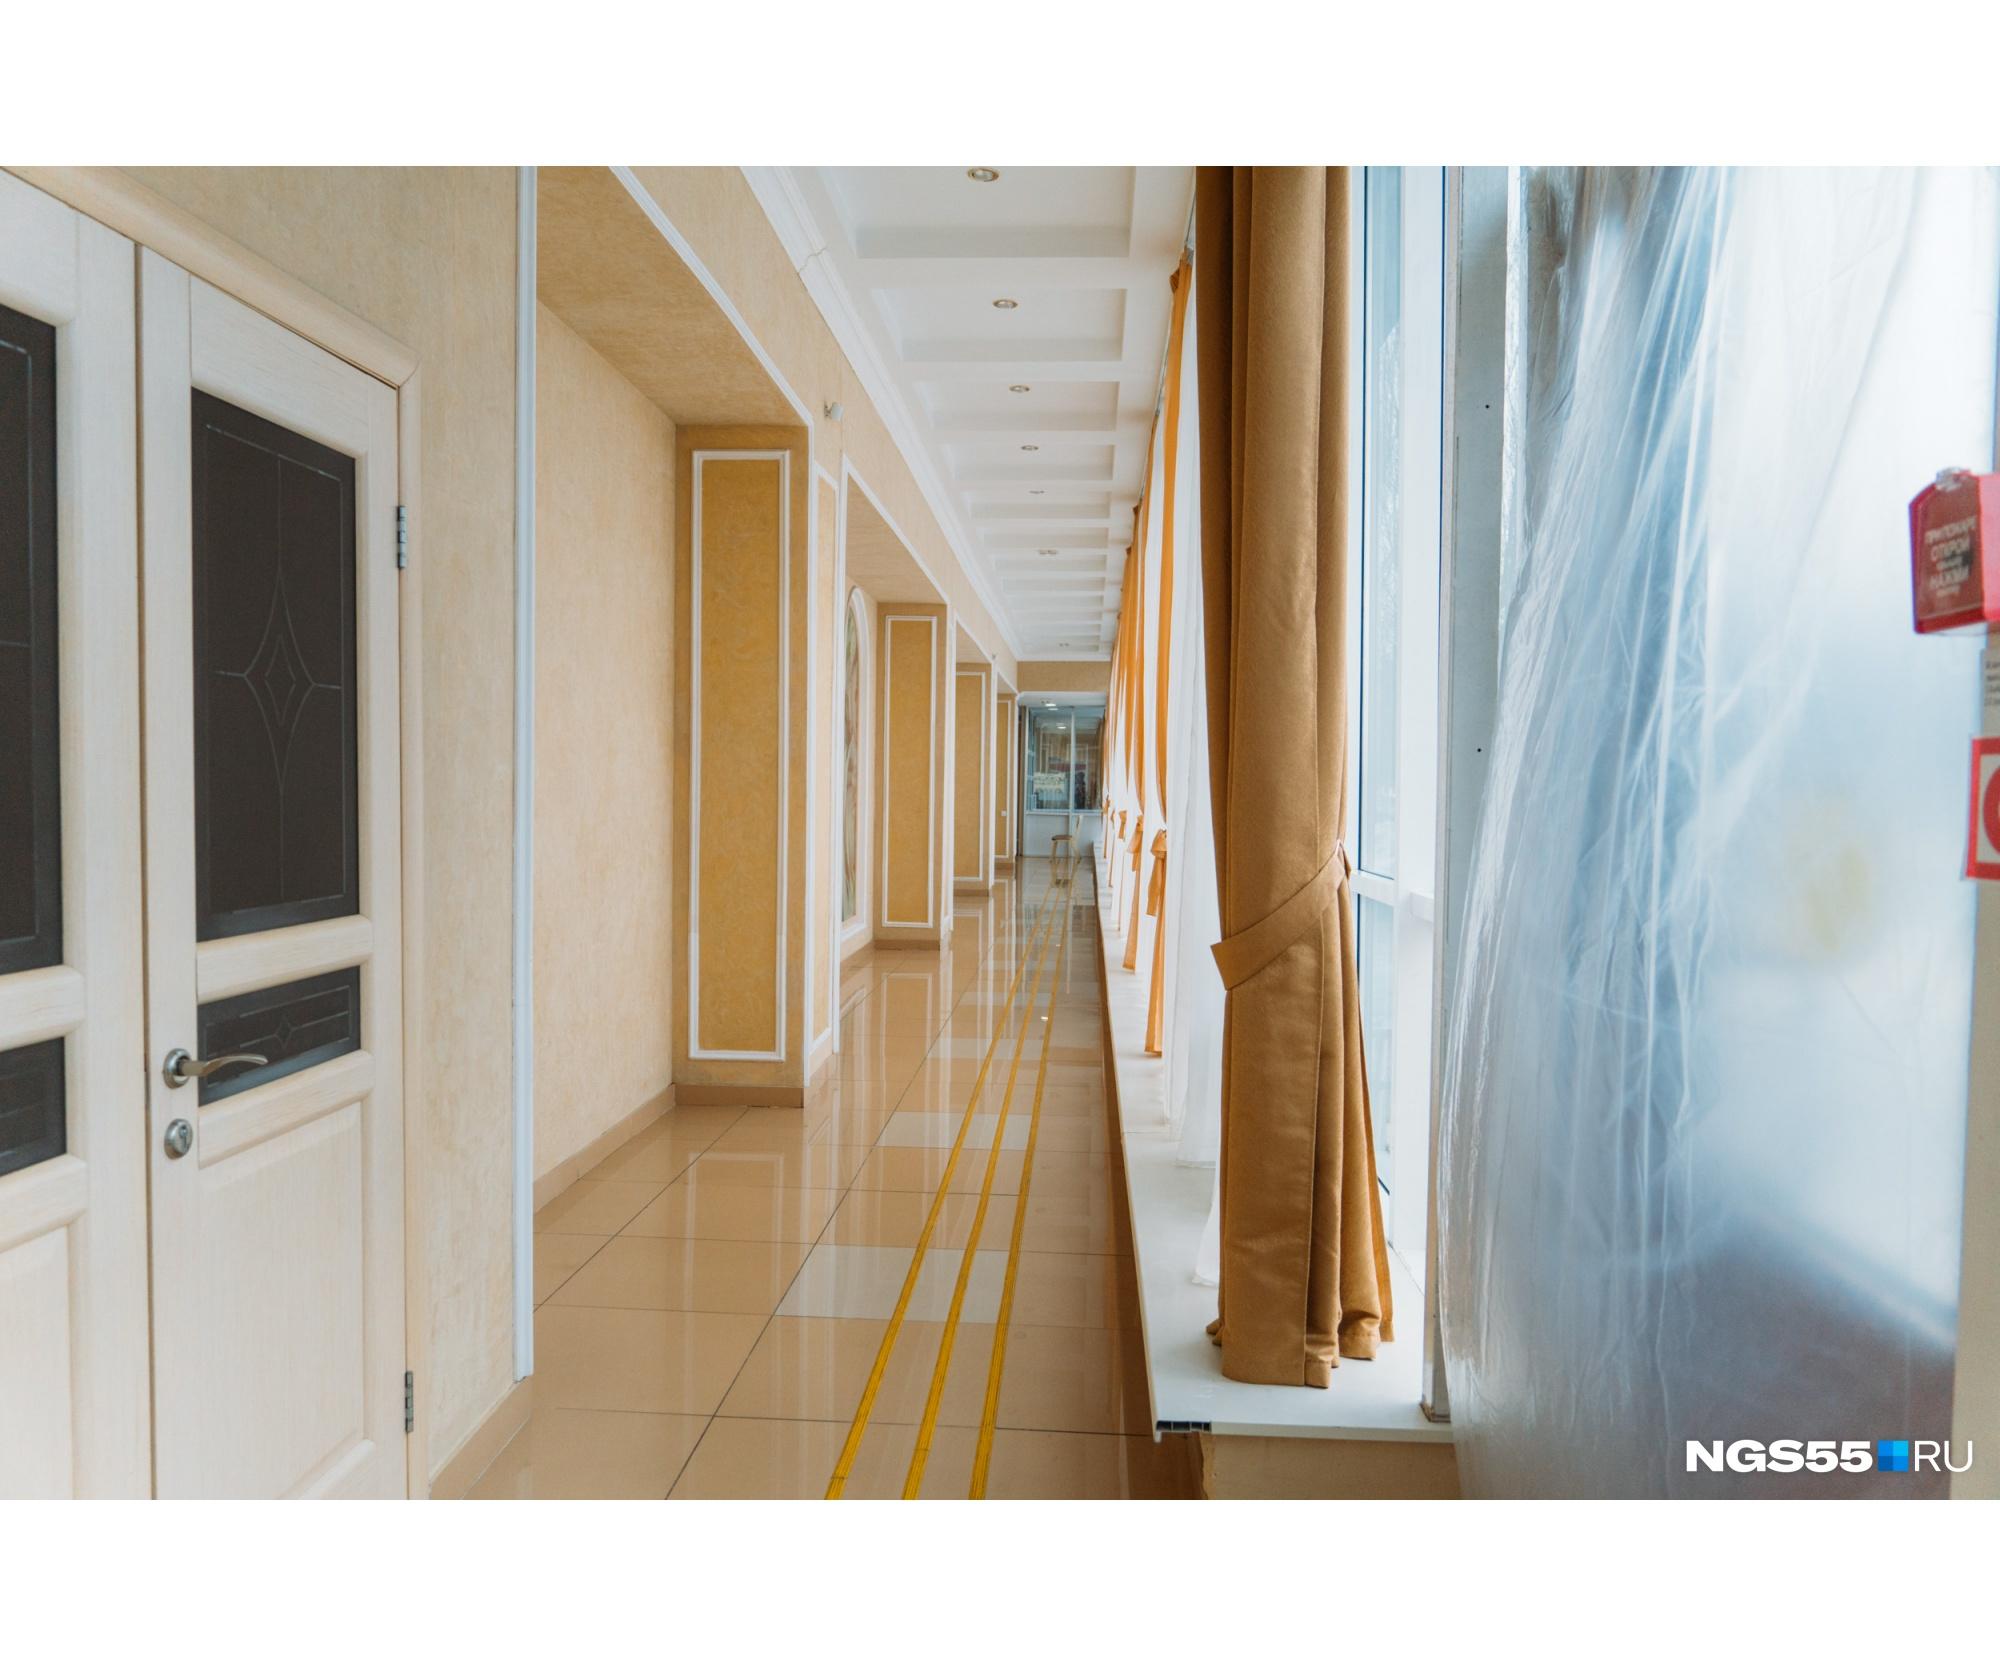 Так выглядит коридор, по которому после торжественной церемонии выходят гости. Дверь на переднем плане — это запасной выход, который открыт в тёплое время года. Сейчас двери затянутыцеллофаном